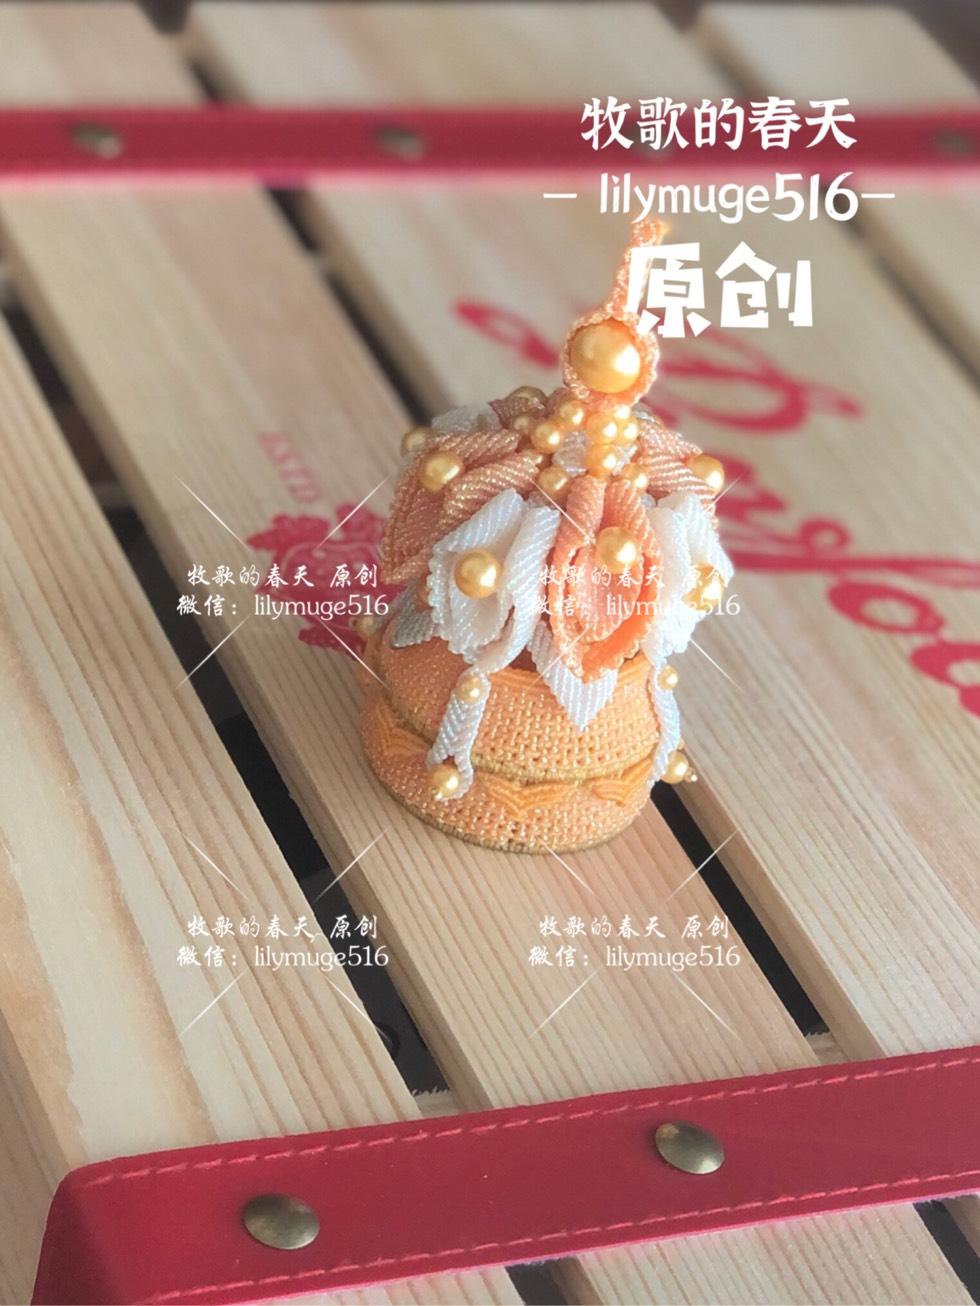 中国结论坛 原创作品 加冕锦盒 锦盒,斜卷结立体,礼盒 作品展示 103613lnkr5lobz50r7vo2